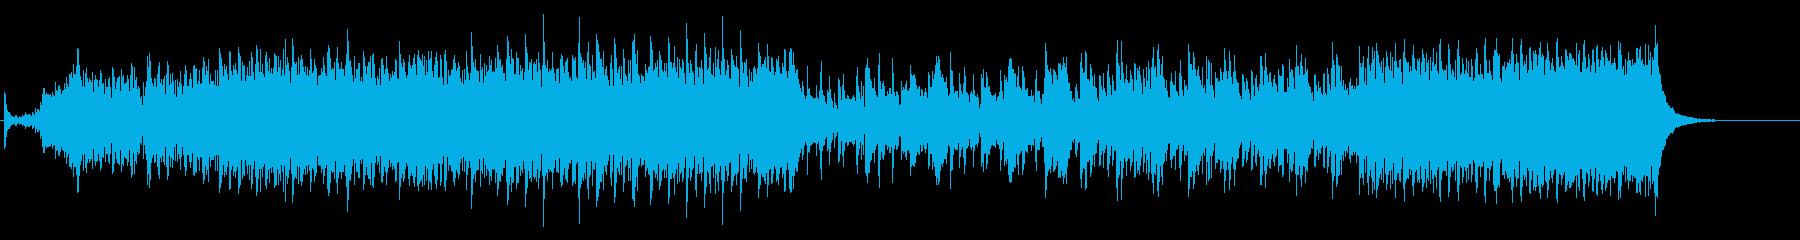 【和風】和楽器のみをによる荒々しい曲Aの再生済みの波形